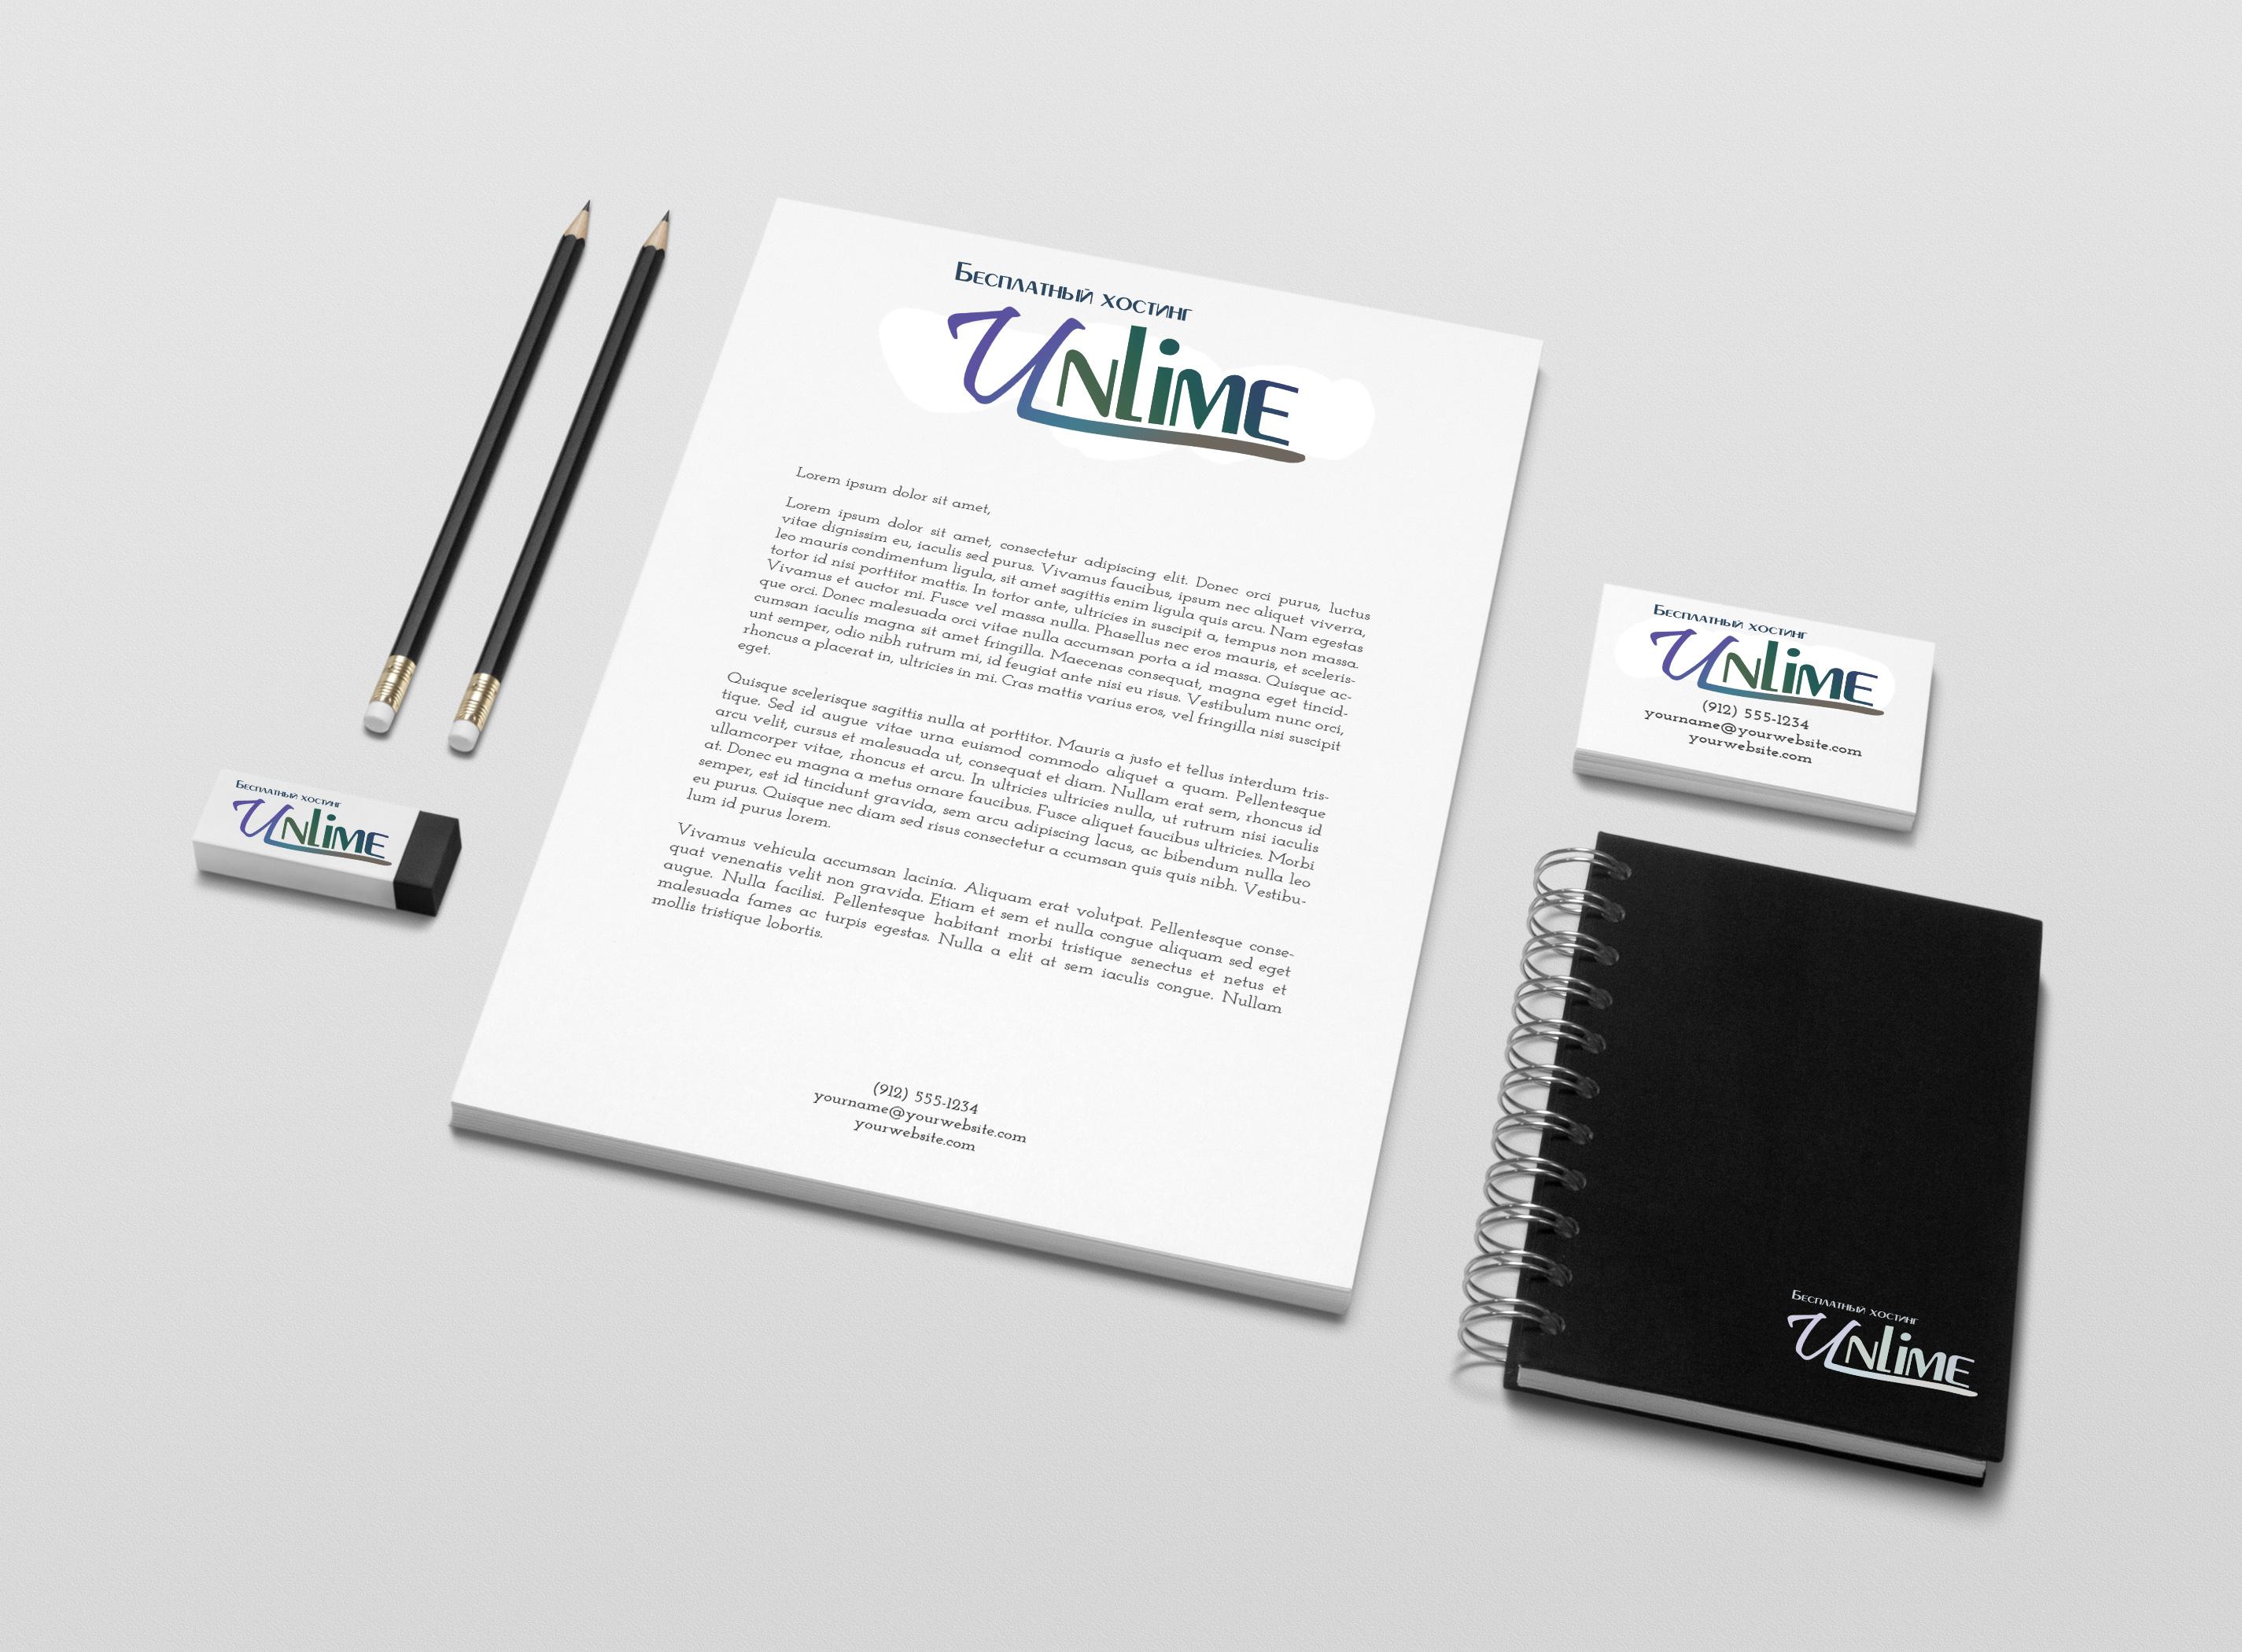 Разработка логотипа и фирменного стиля фото f_1555947eb97e2c54.jpg